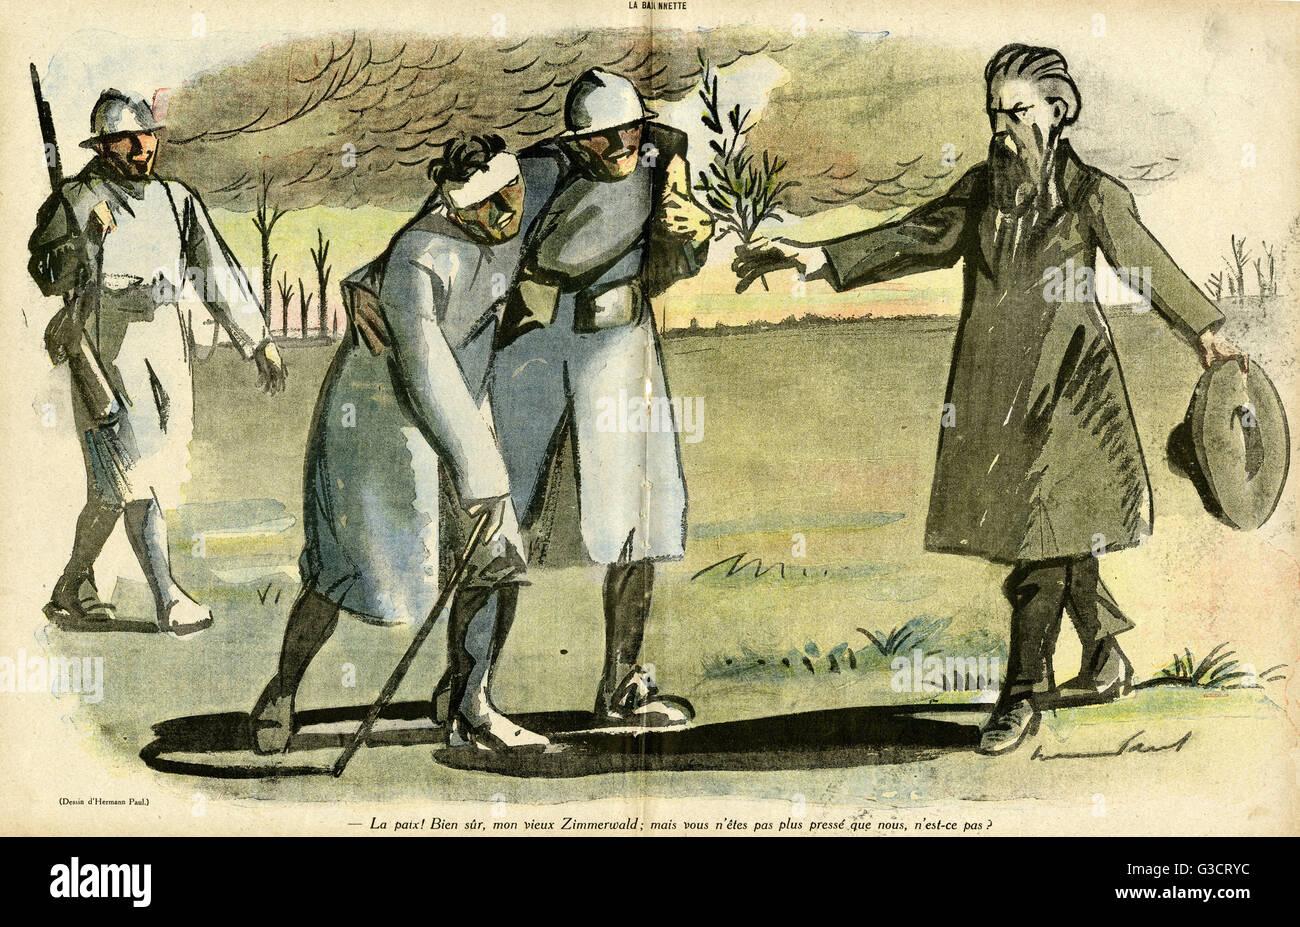 Cartoon, el pacifismo de Zimmerwald. Un hombre que representa el movimiento de paz de Zimmerwald ofrece una rama Imagen De Stock